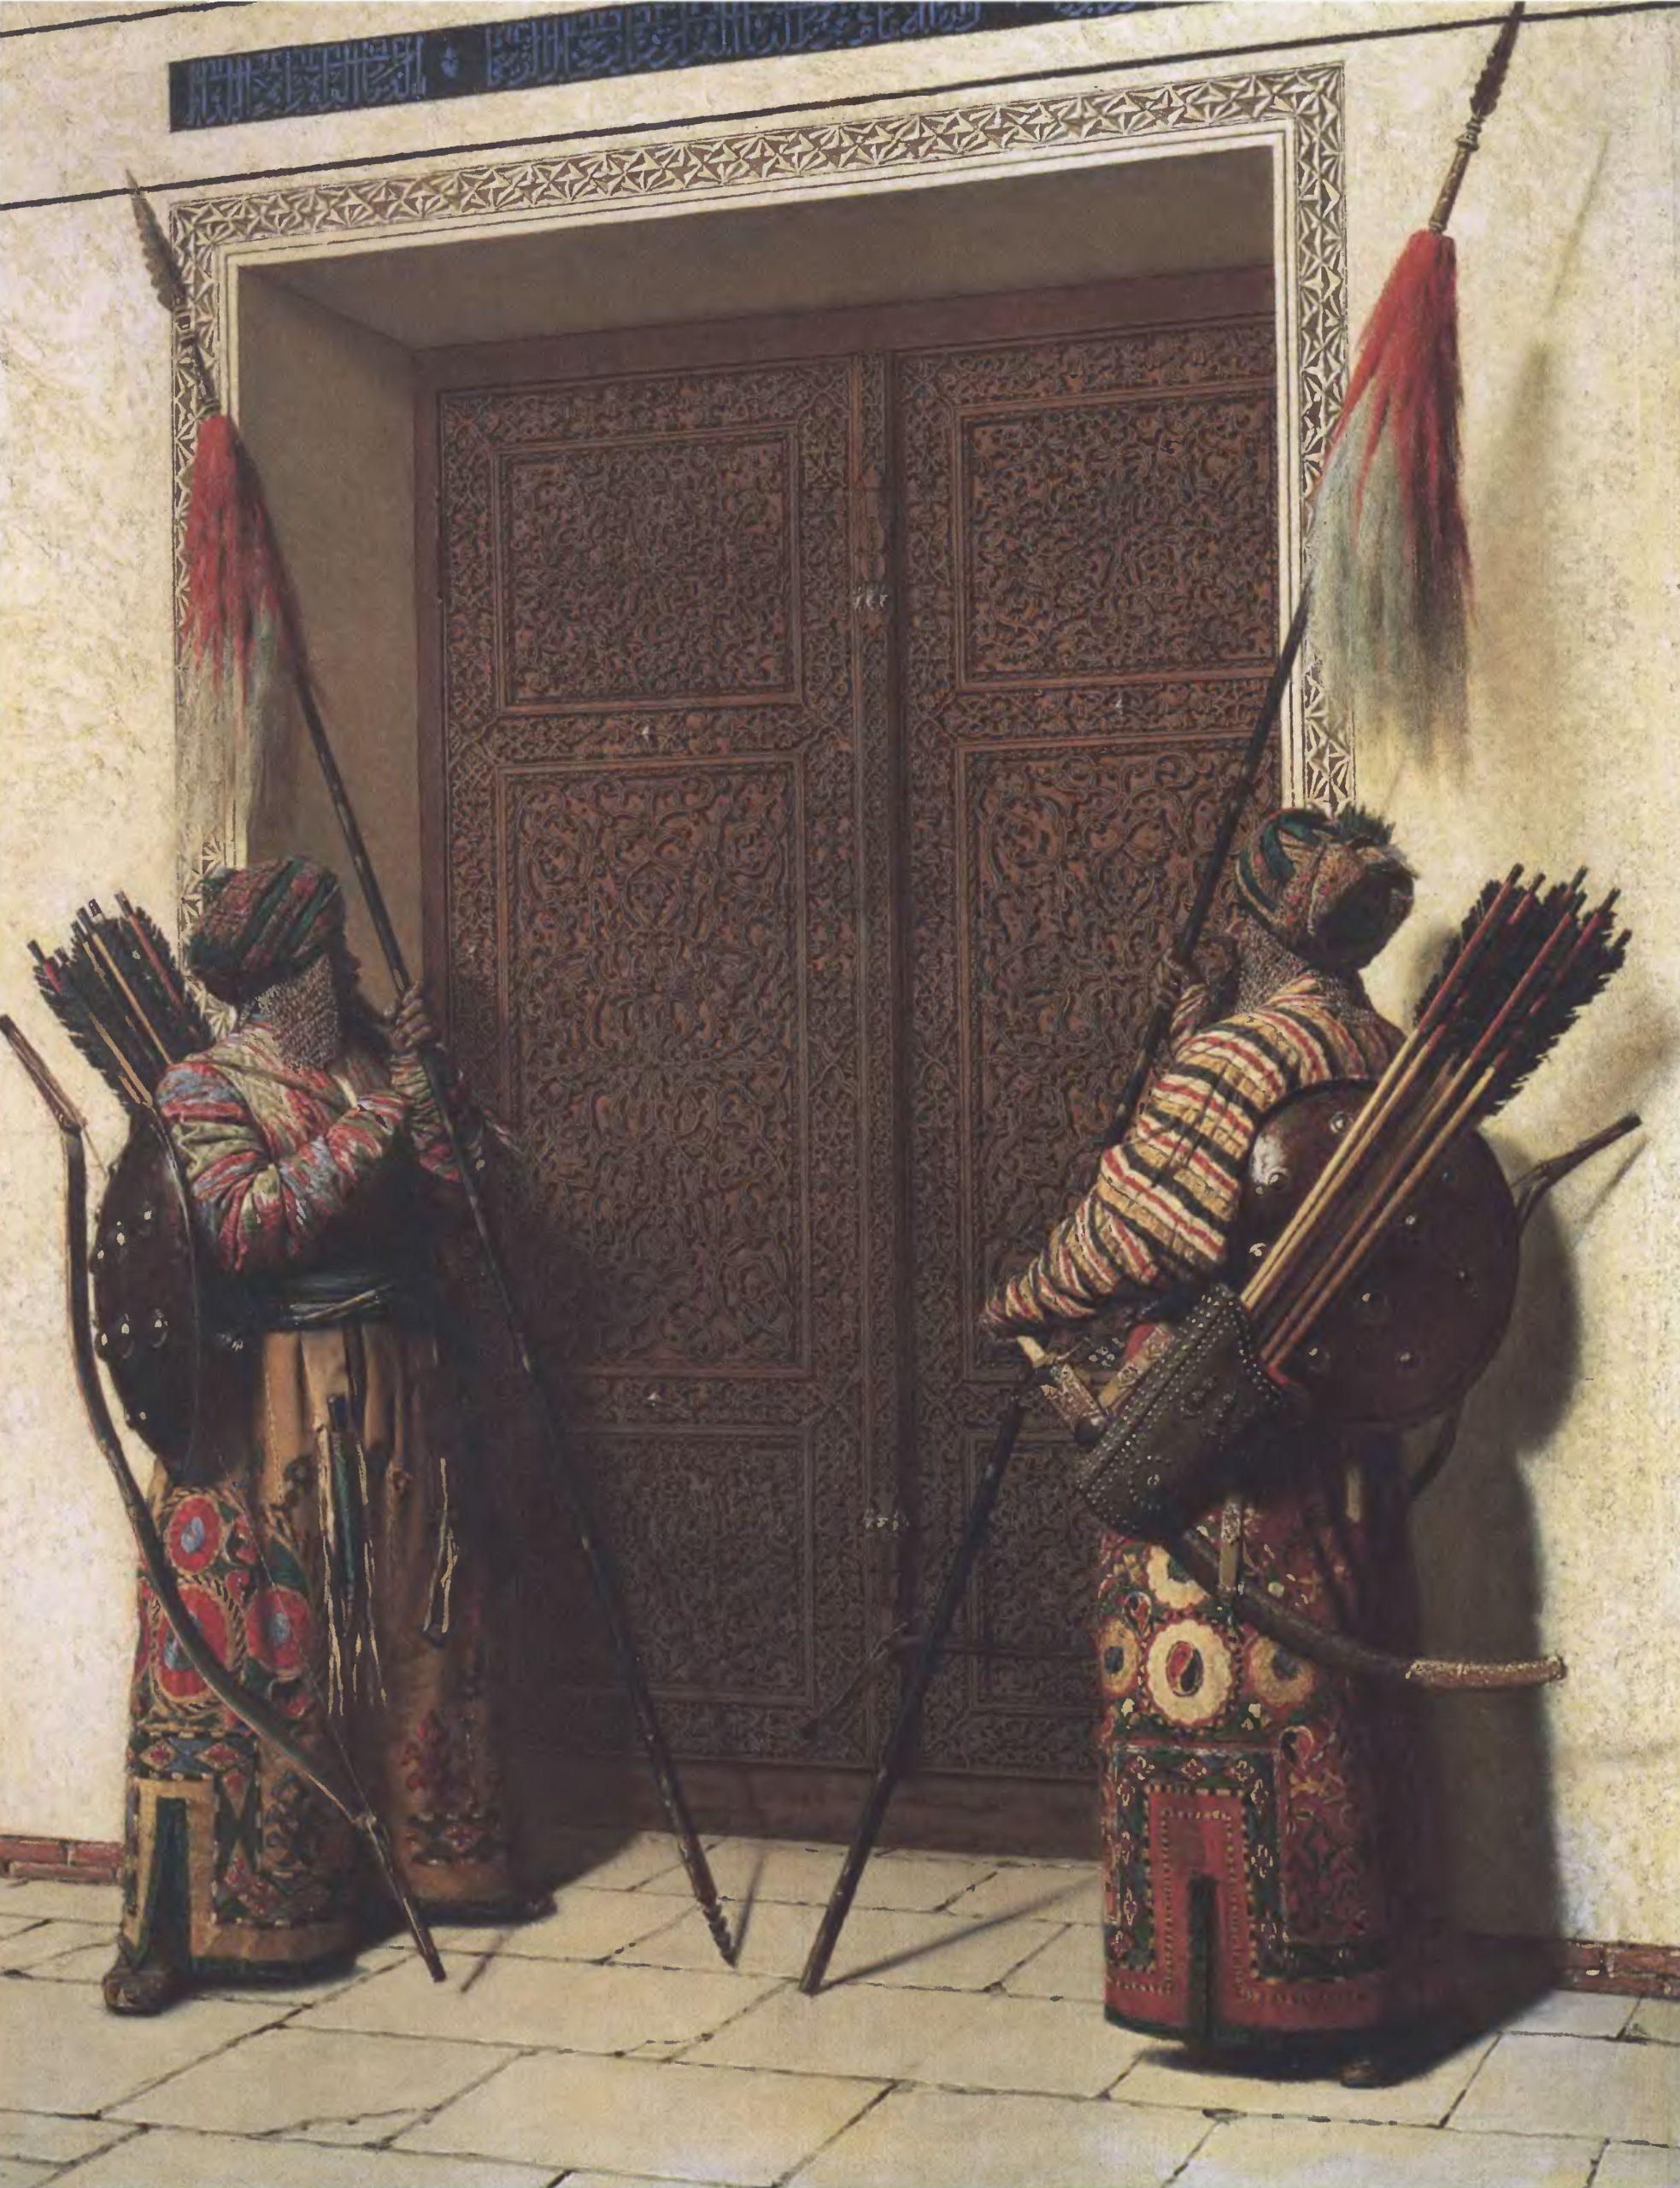 ВАСИЛИЙ ВЕРЕЩАГИН. Двери Тимура (Тамерлана). 1871—1872. Холст, масло. 213 х 168 см. Государственная Третьяковская галерея